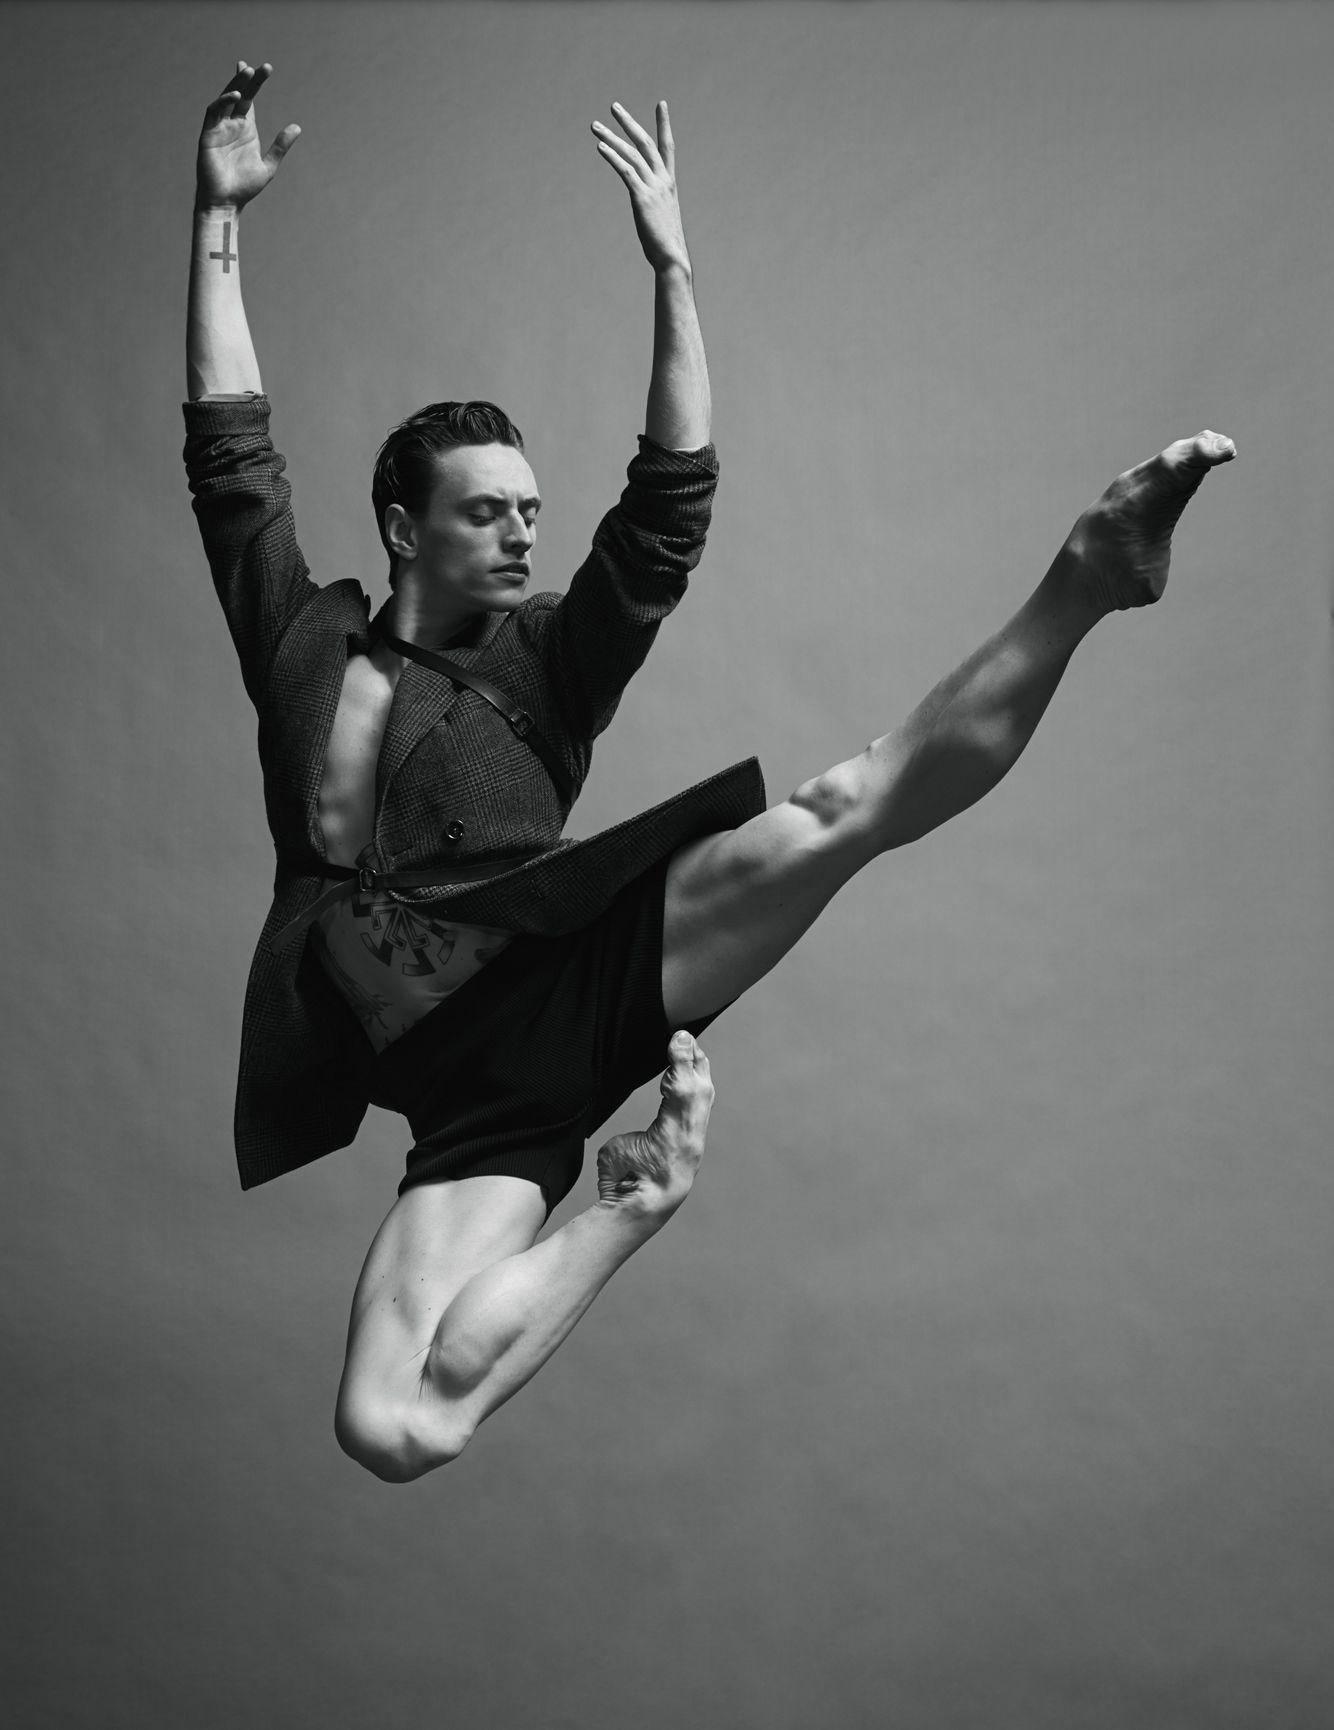 rencontre hommes danseur rencontres cnc sacd